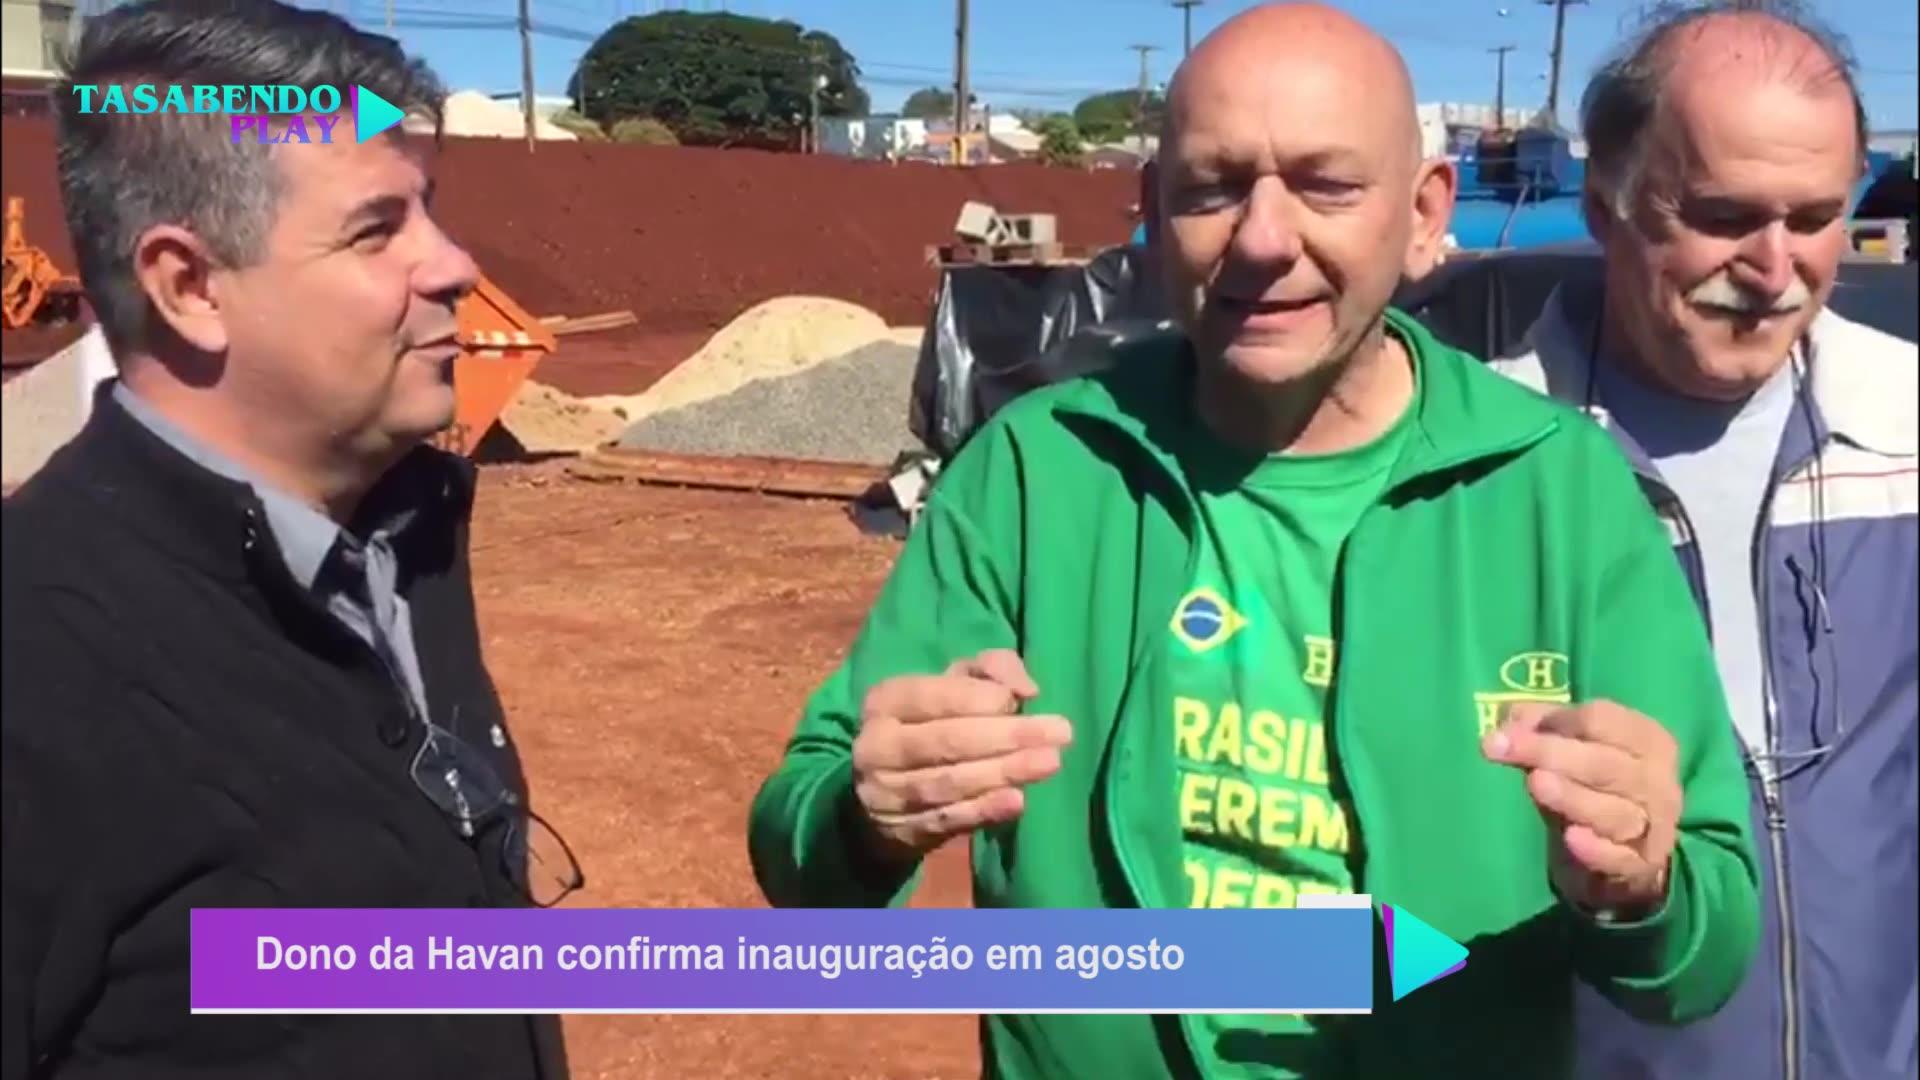 Dono da Havan visita Campo Mourão e confirma inauguração em agosto